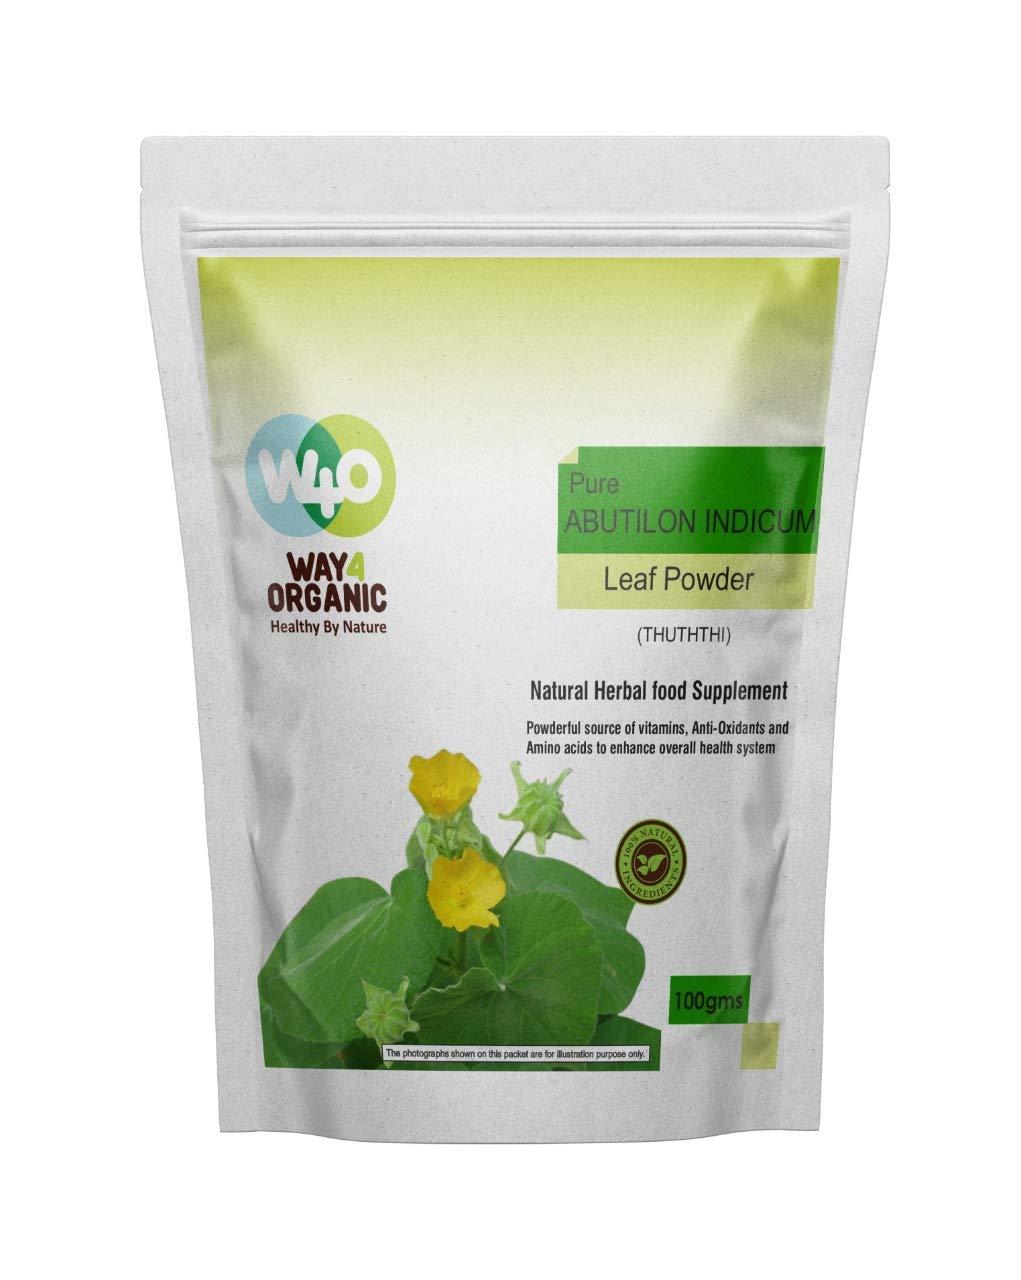 Way4Organic Pure Thuththi Leaf Powder Atibala Powder Abutilon Indicum Leaf Powder